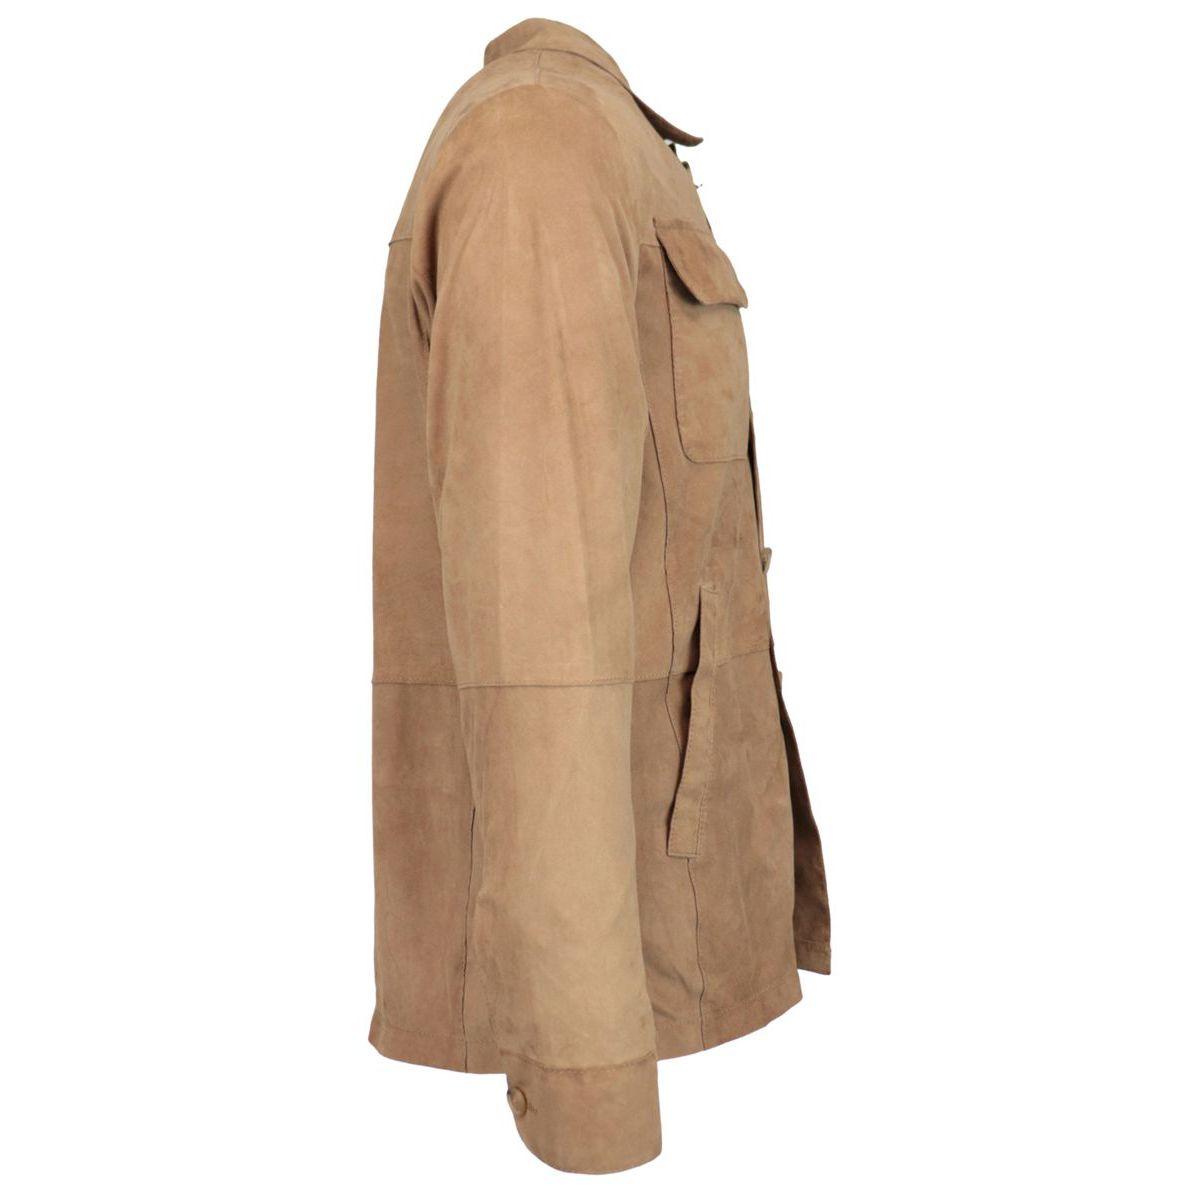 Marcelo suede jacket Havana Andrea D'amico